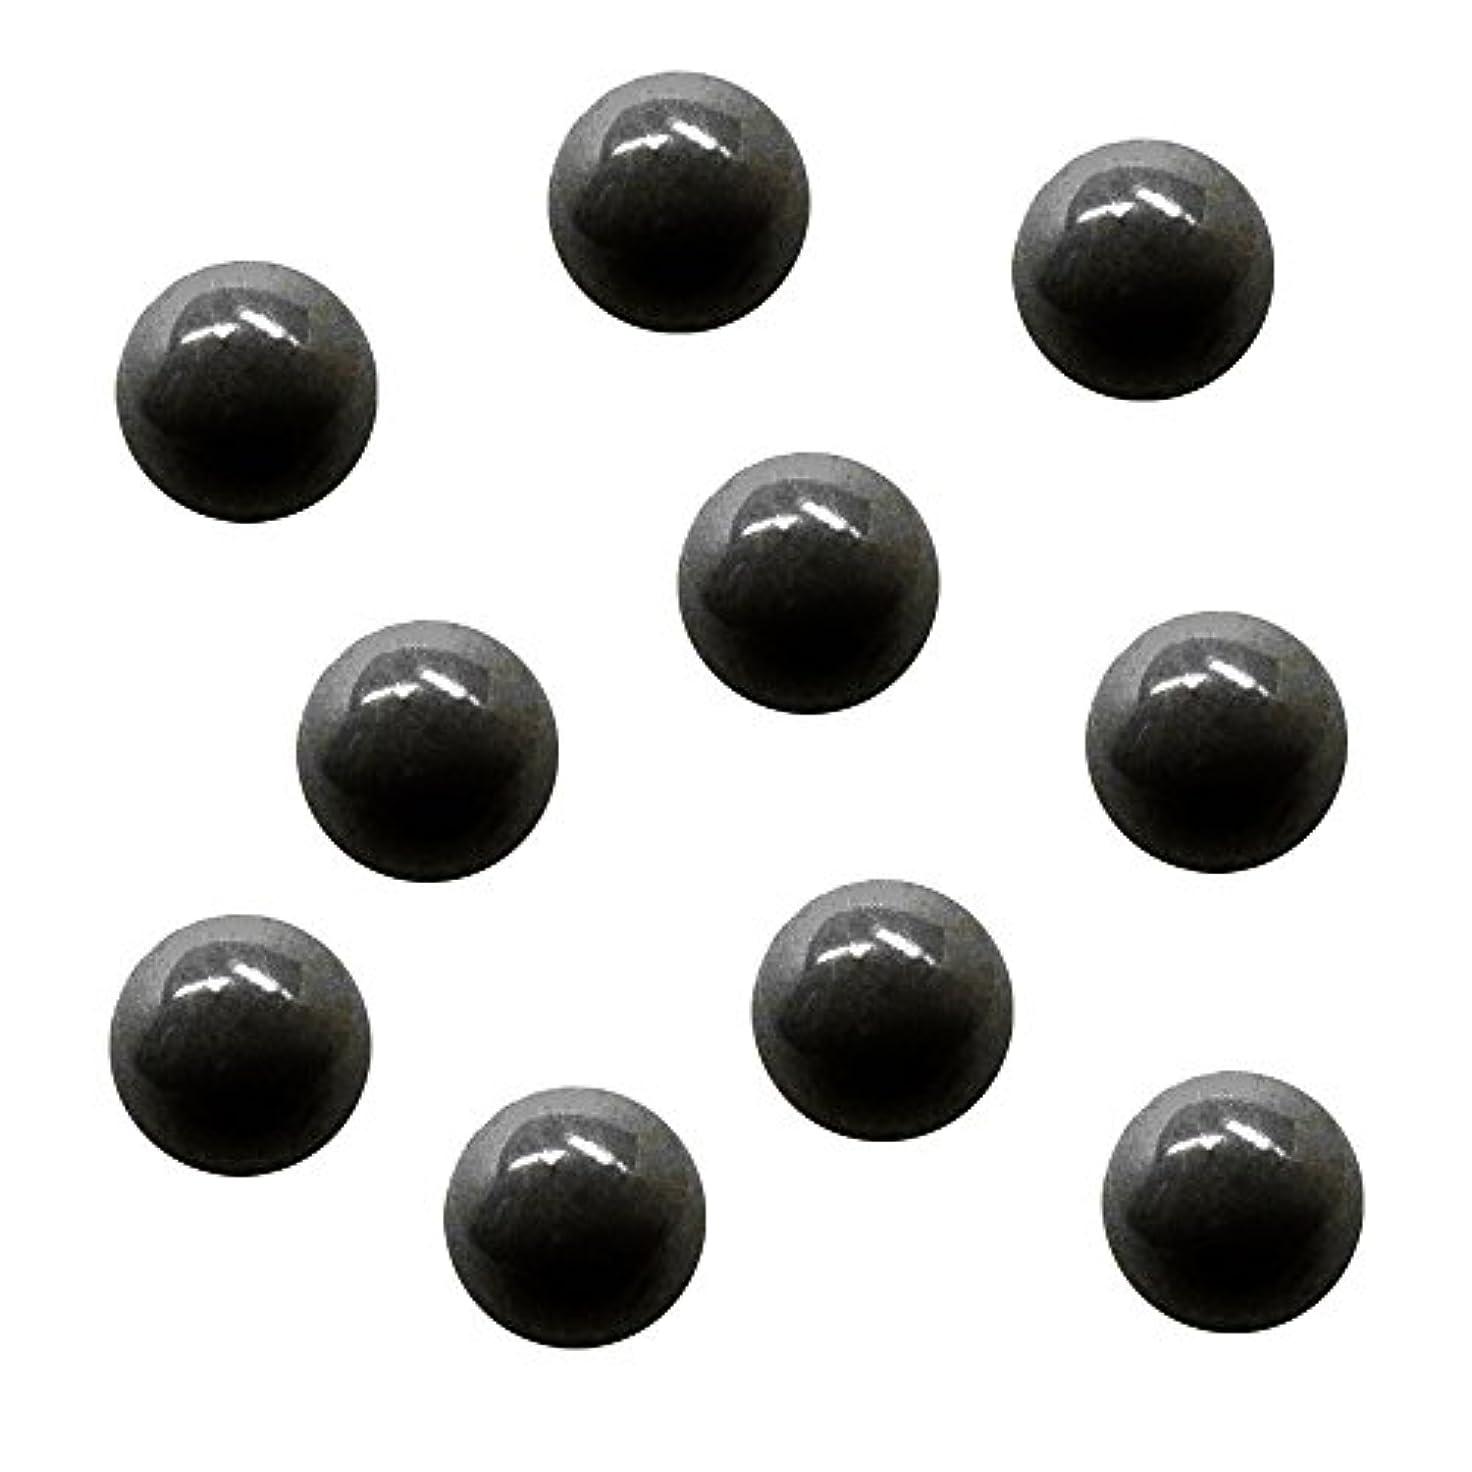 理解する堂々たる転用サンシャインベビー ジェルネイル ジュエリーボール ブラック5mm 10P